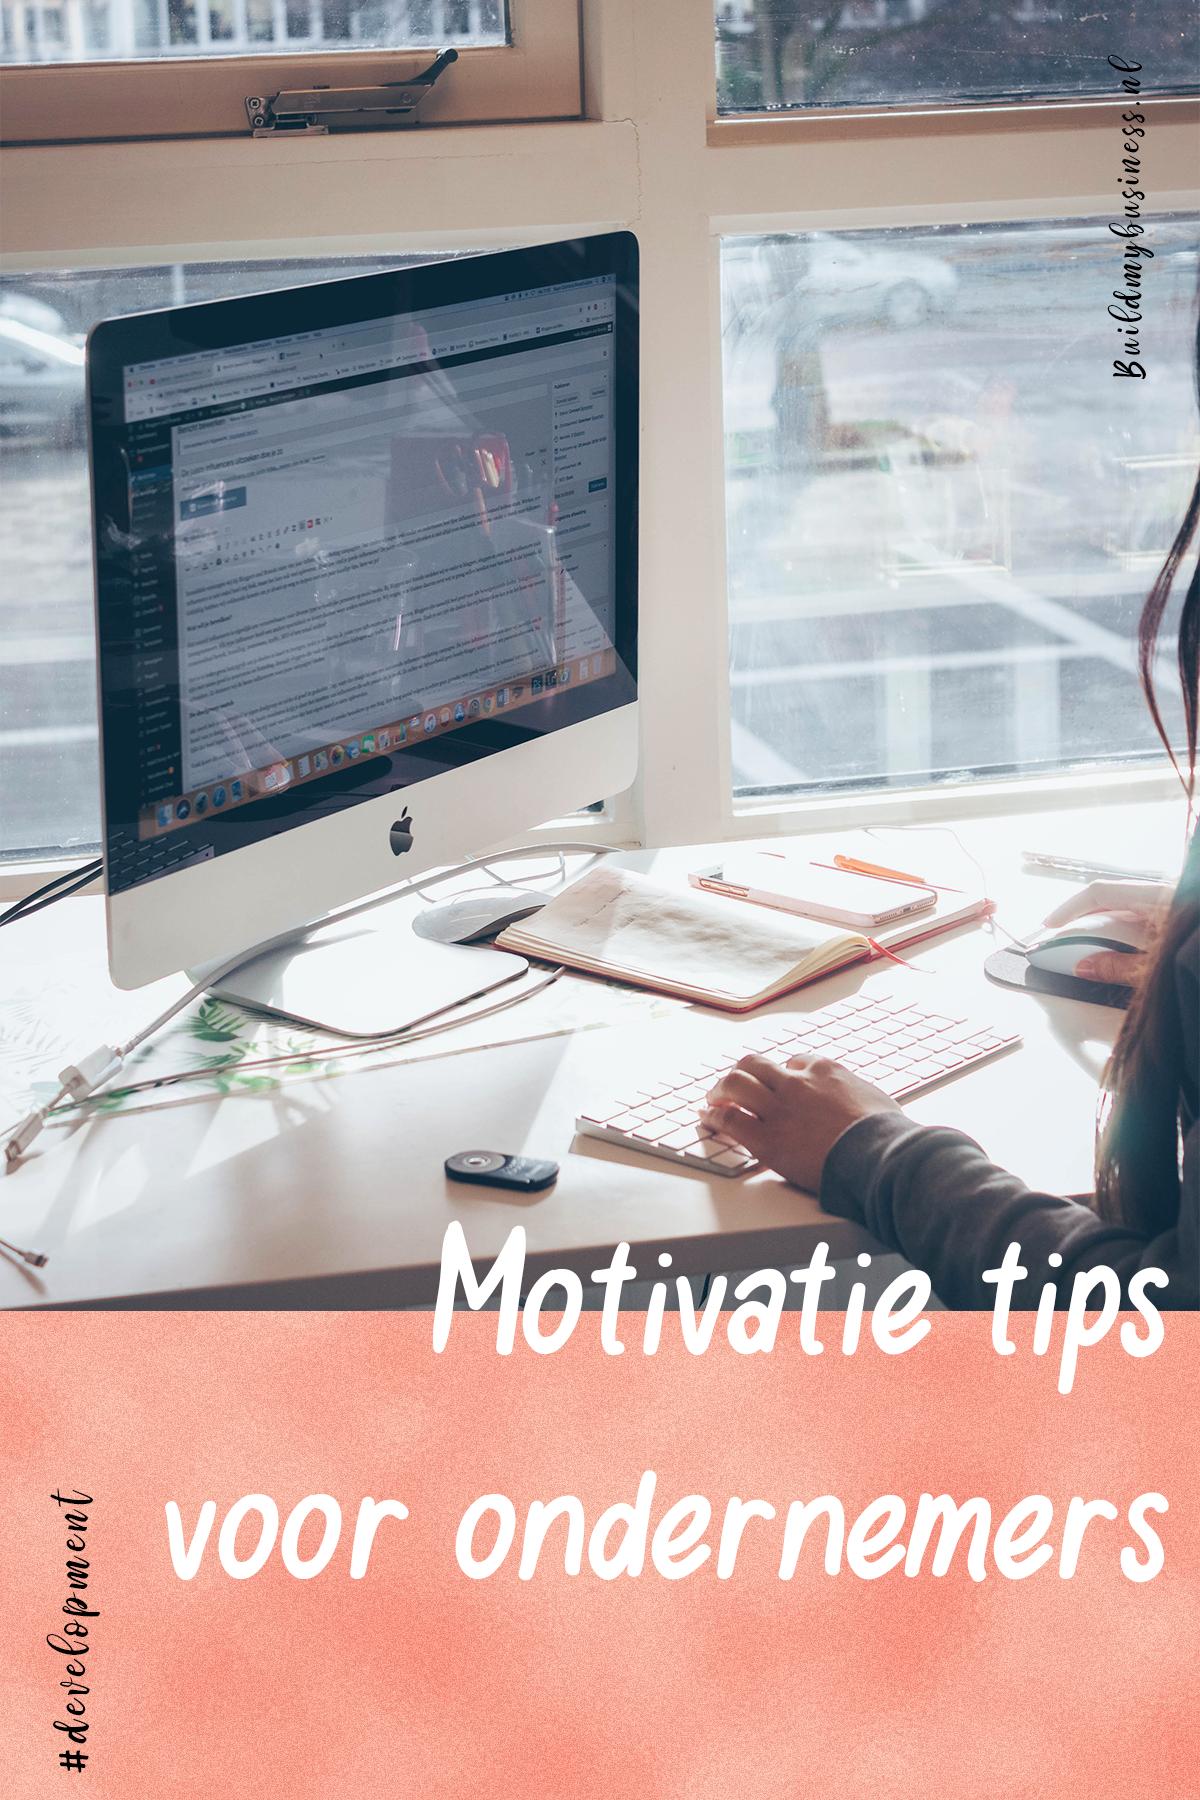 Motivatie voor ondernemers